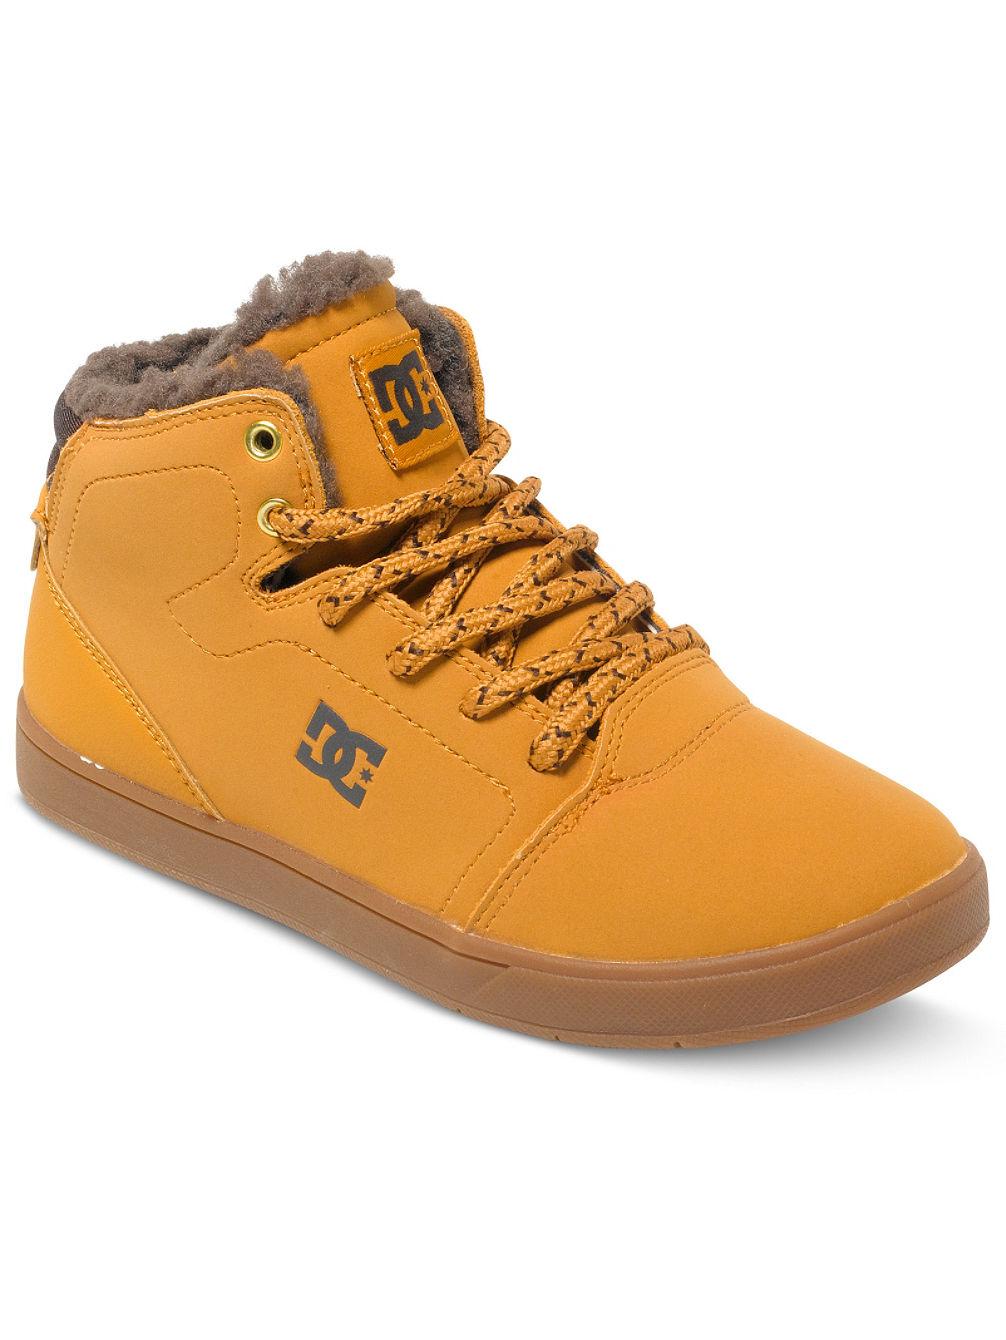 Compra DC Crisis High Wnt Sneakers ragazzo online su blue-tomato.com cbb87d9200b